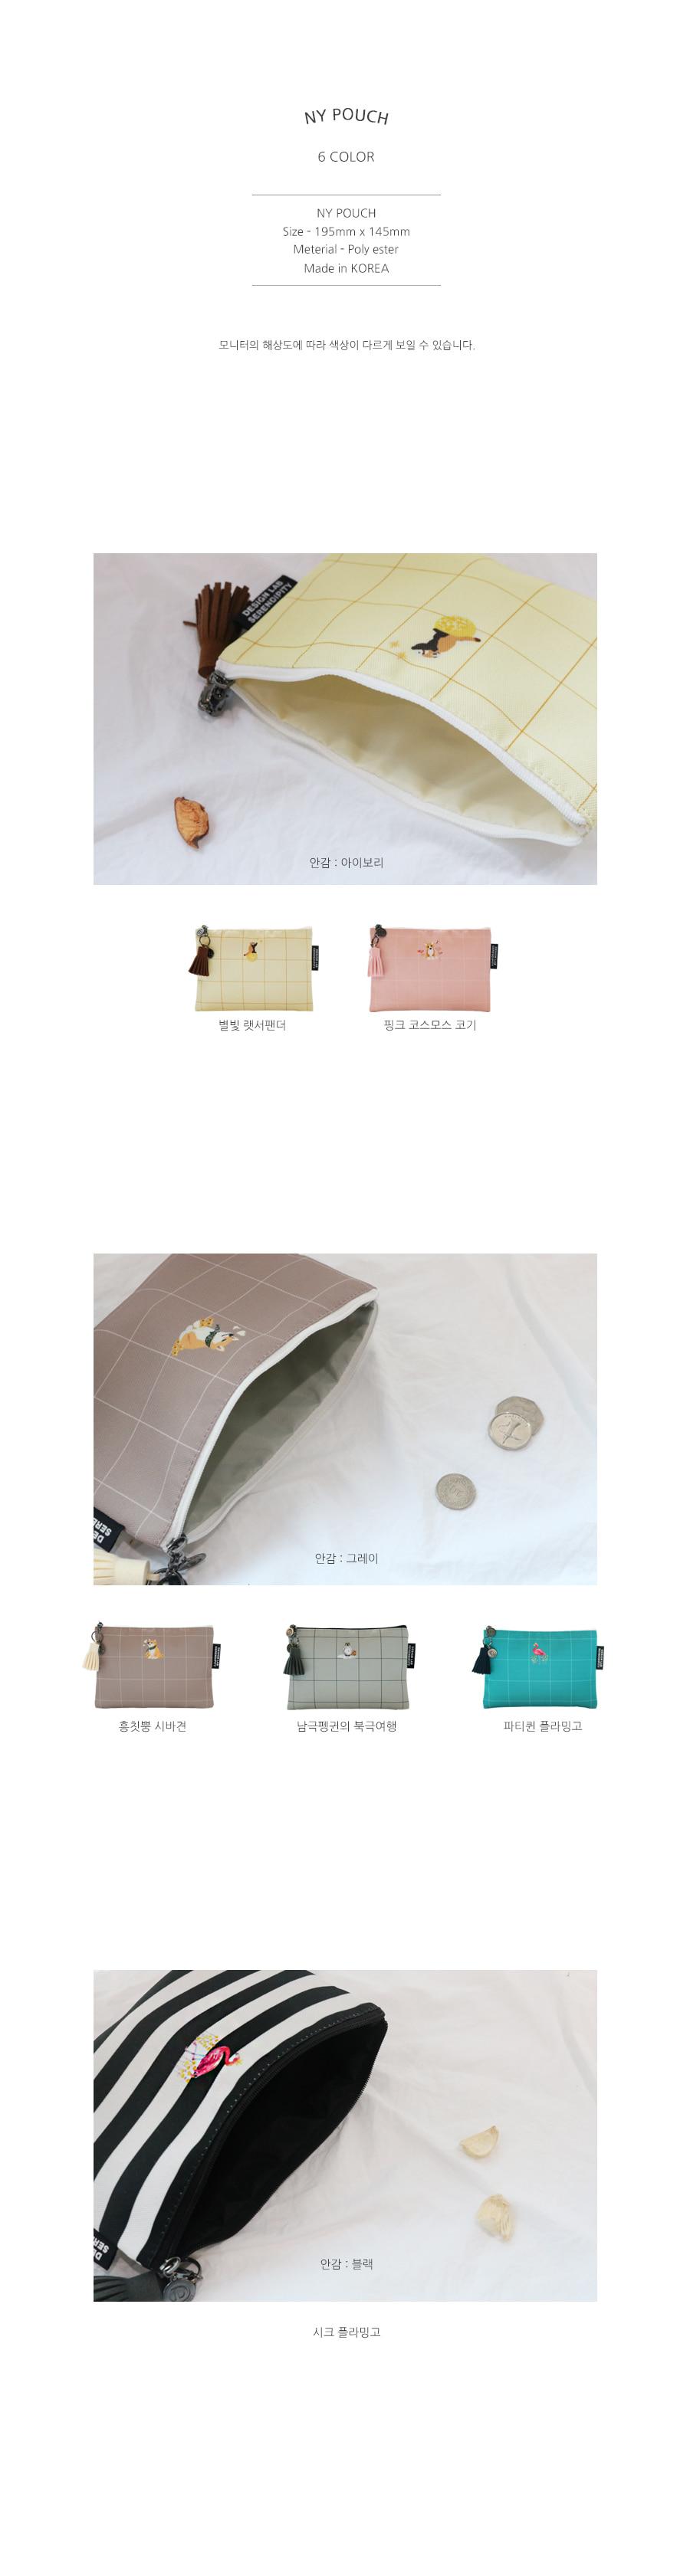 [태슬포함] D.LAB NY Pouch - 남극펭귄의 북극여행 - 디랩, 8,800원, 다용도파우치, 지퍼형